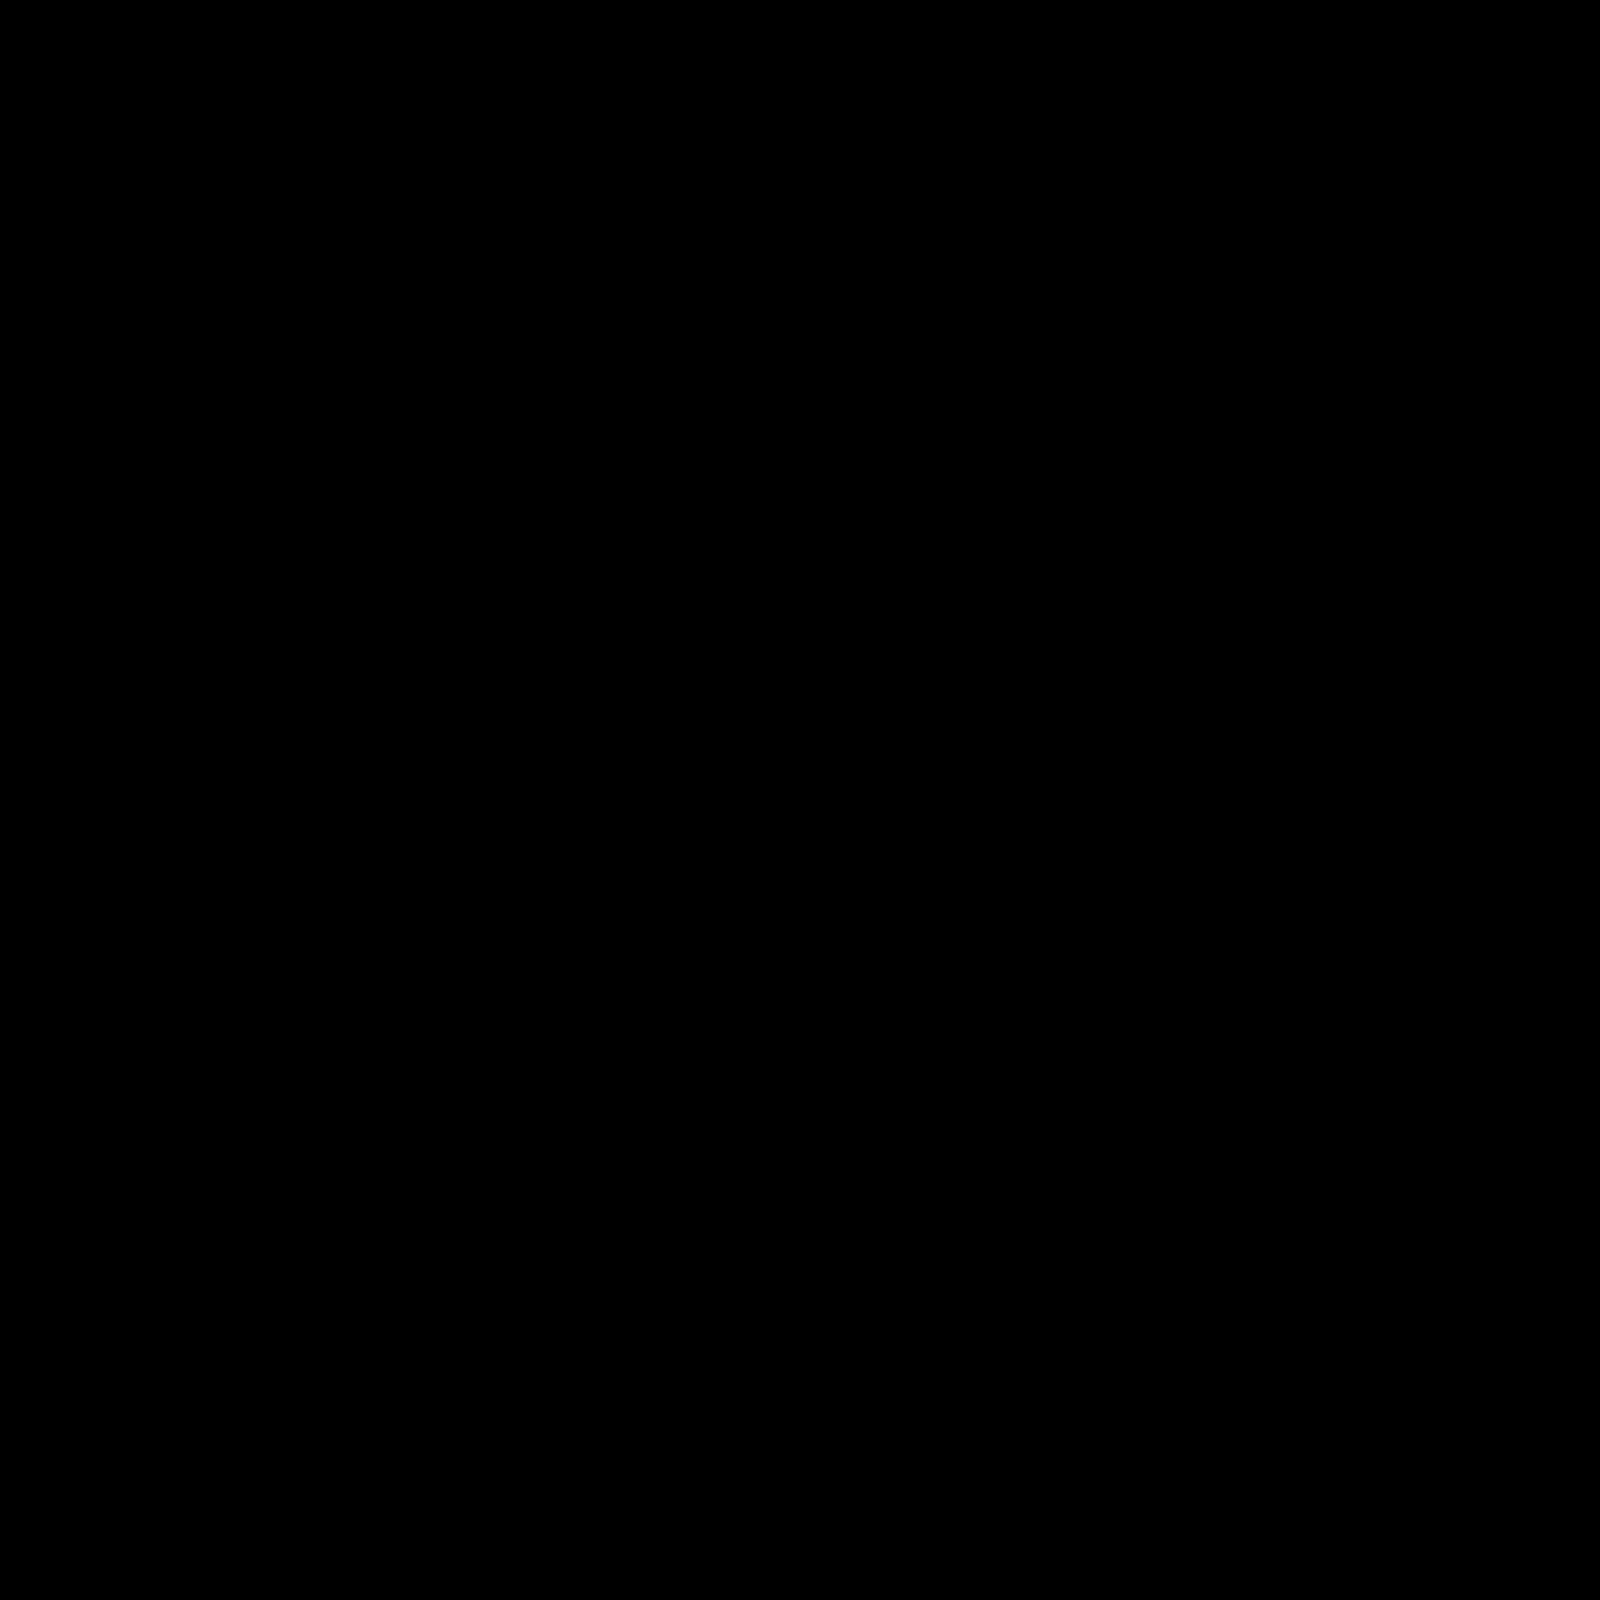 ごみ箱を空にする icon